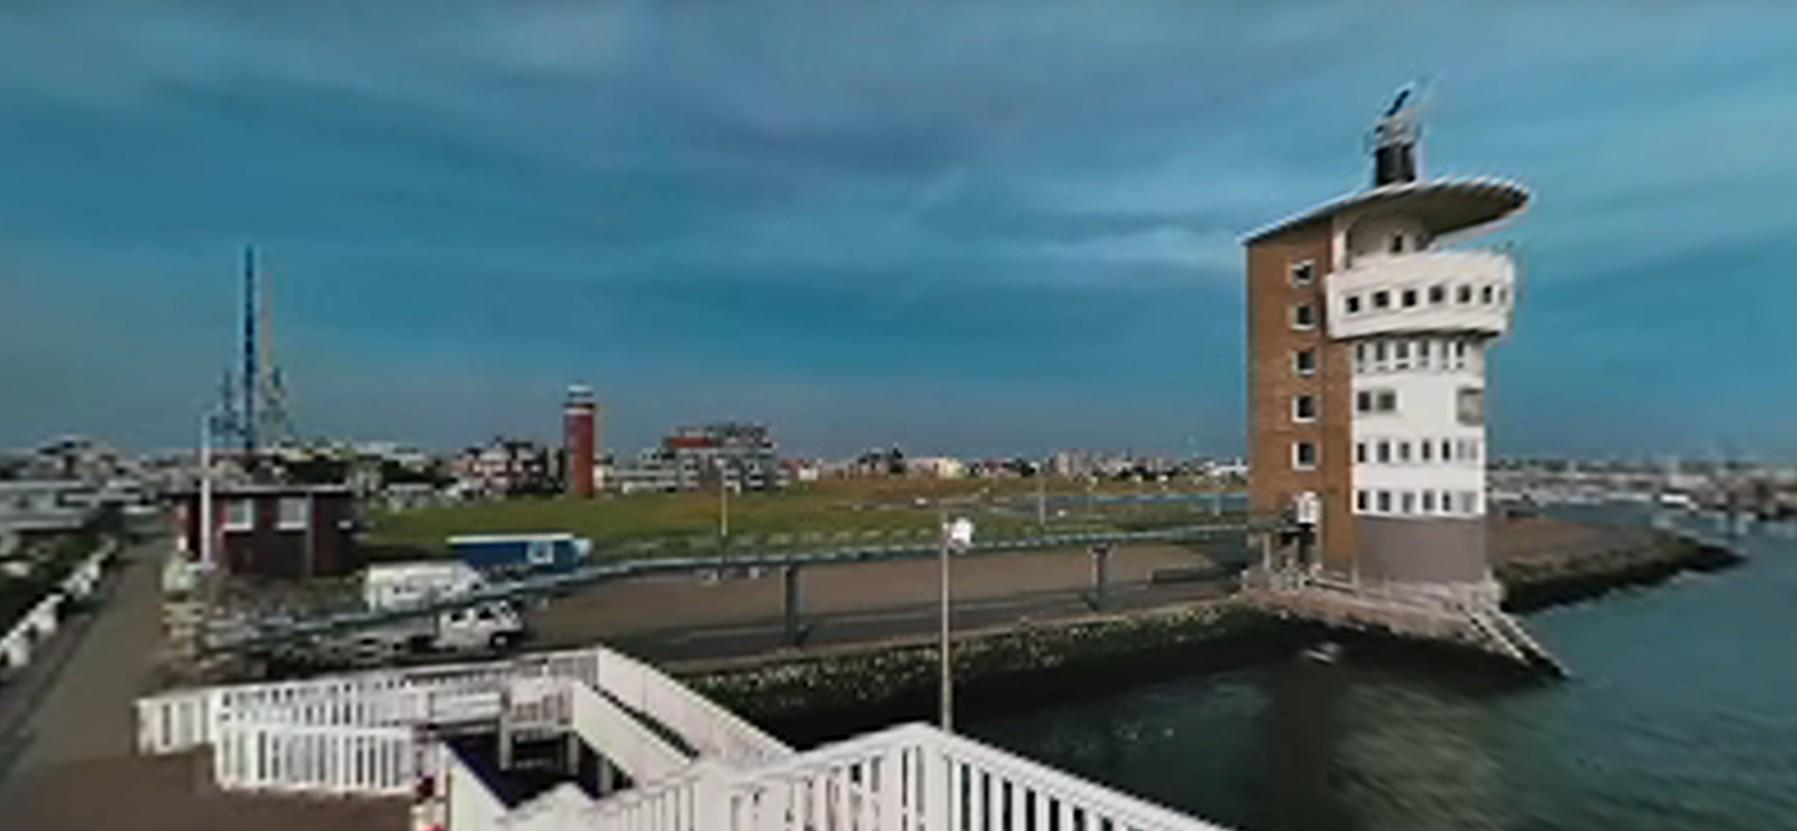 Alte Liebe Cuxhaven - Like a Webcam Alte Liebe - 360 Grad Video vom Alte Liebe Hafen [ Video ]